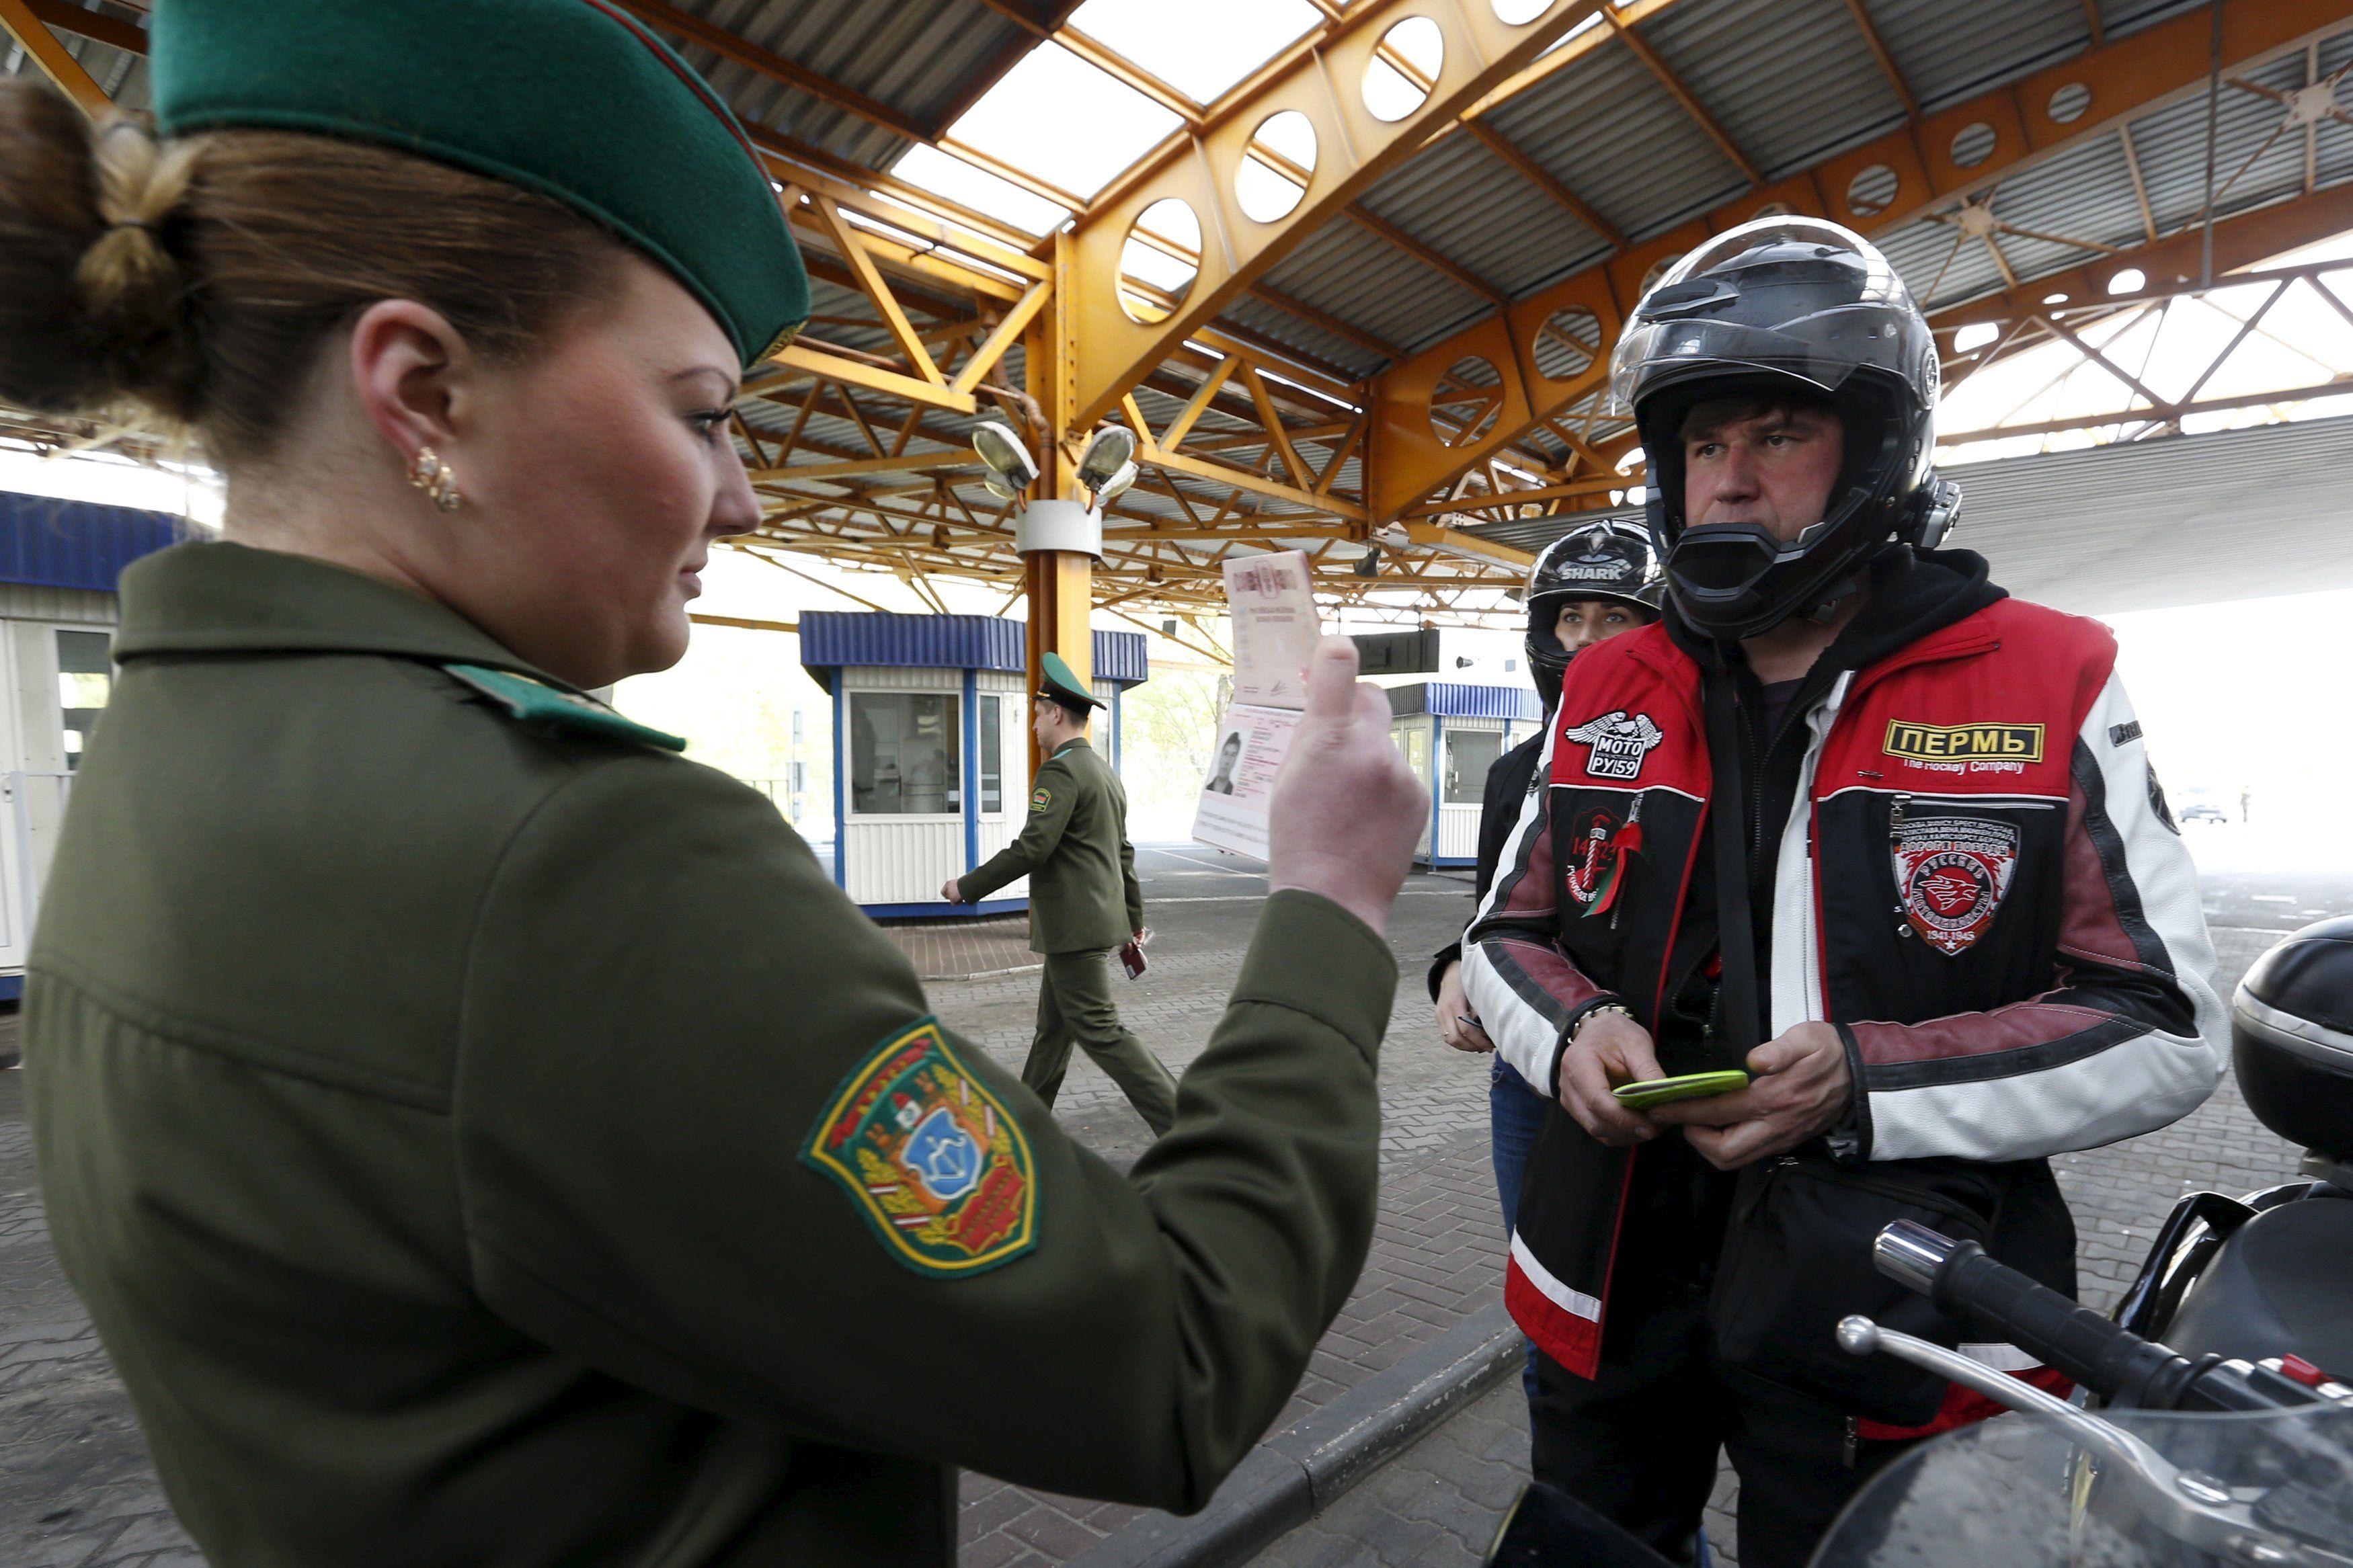 Байкеры на границе Беларуси с Польшей, иллюстрация